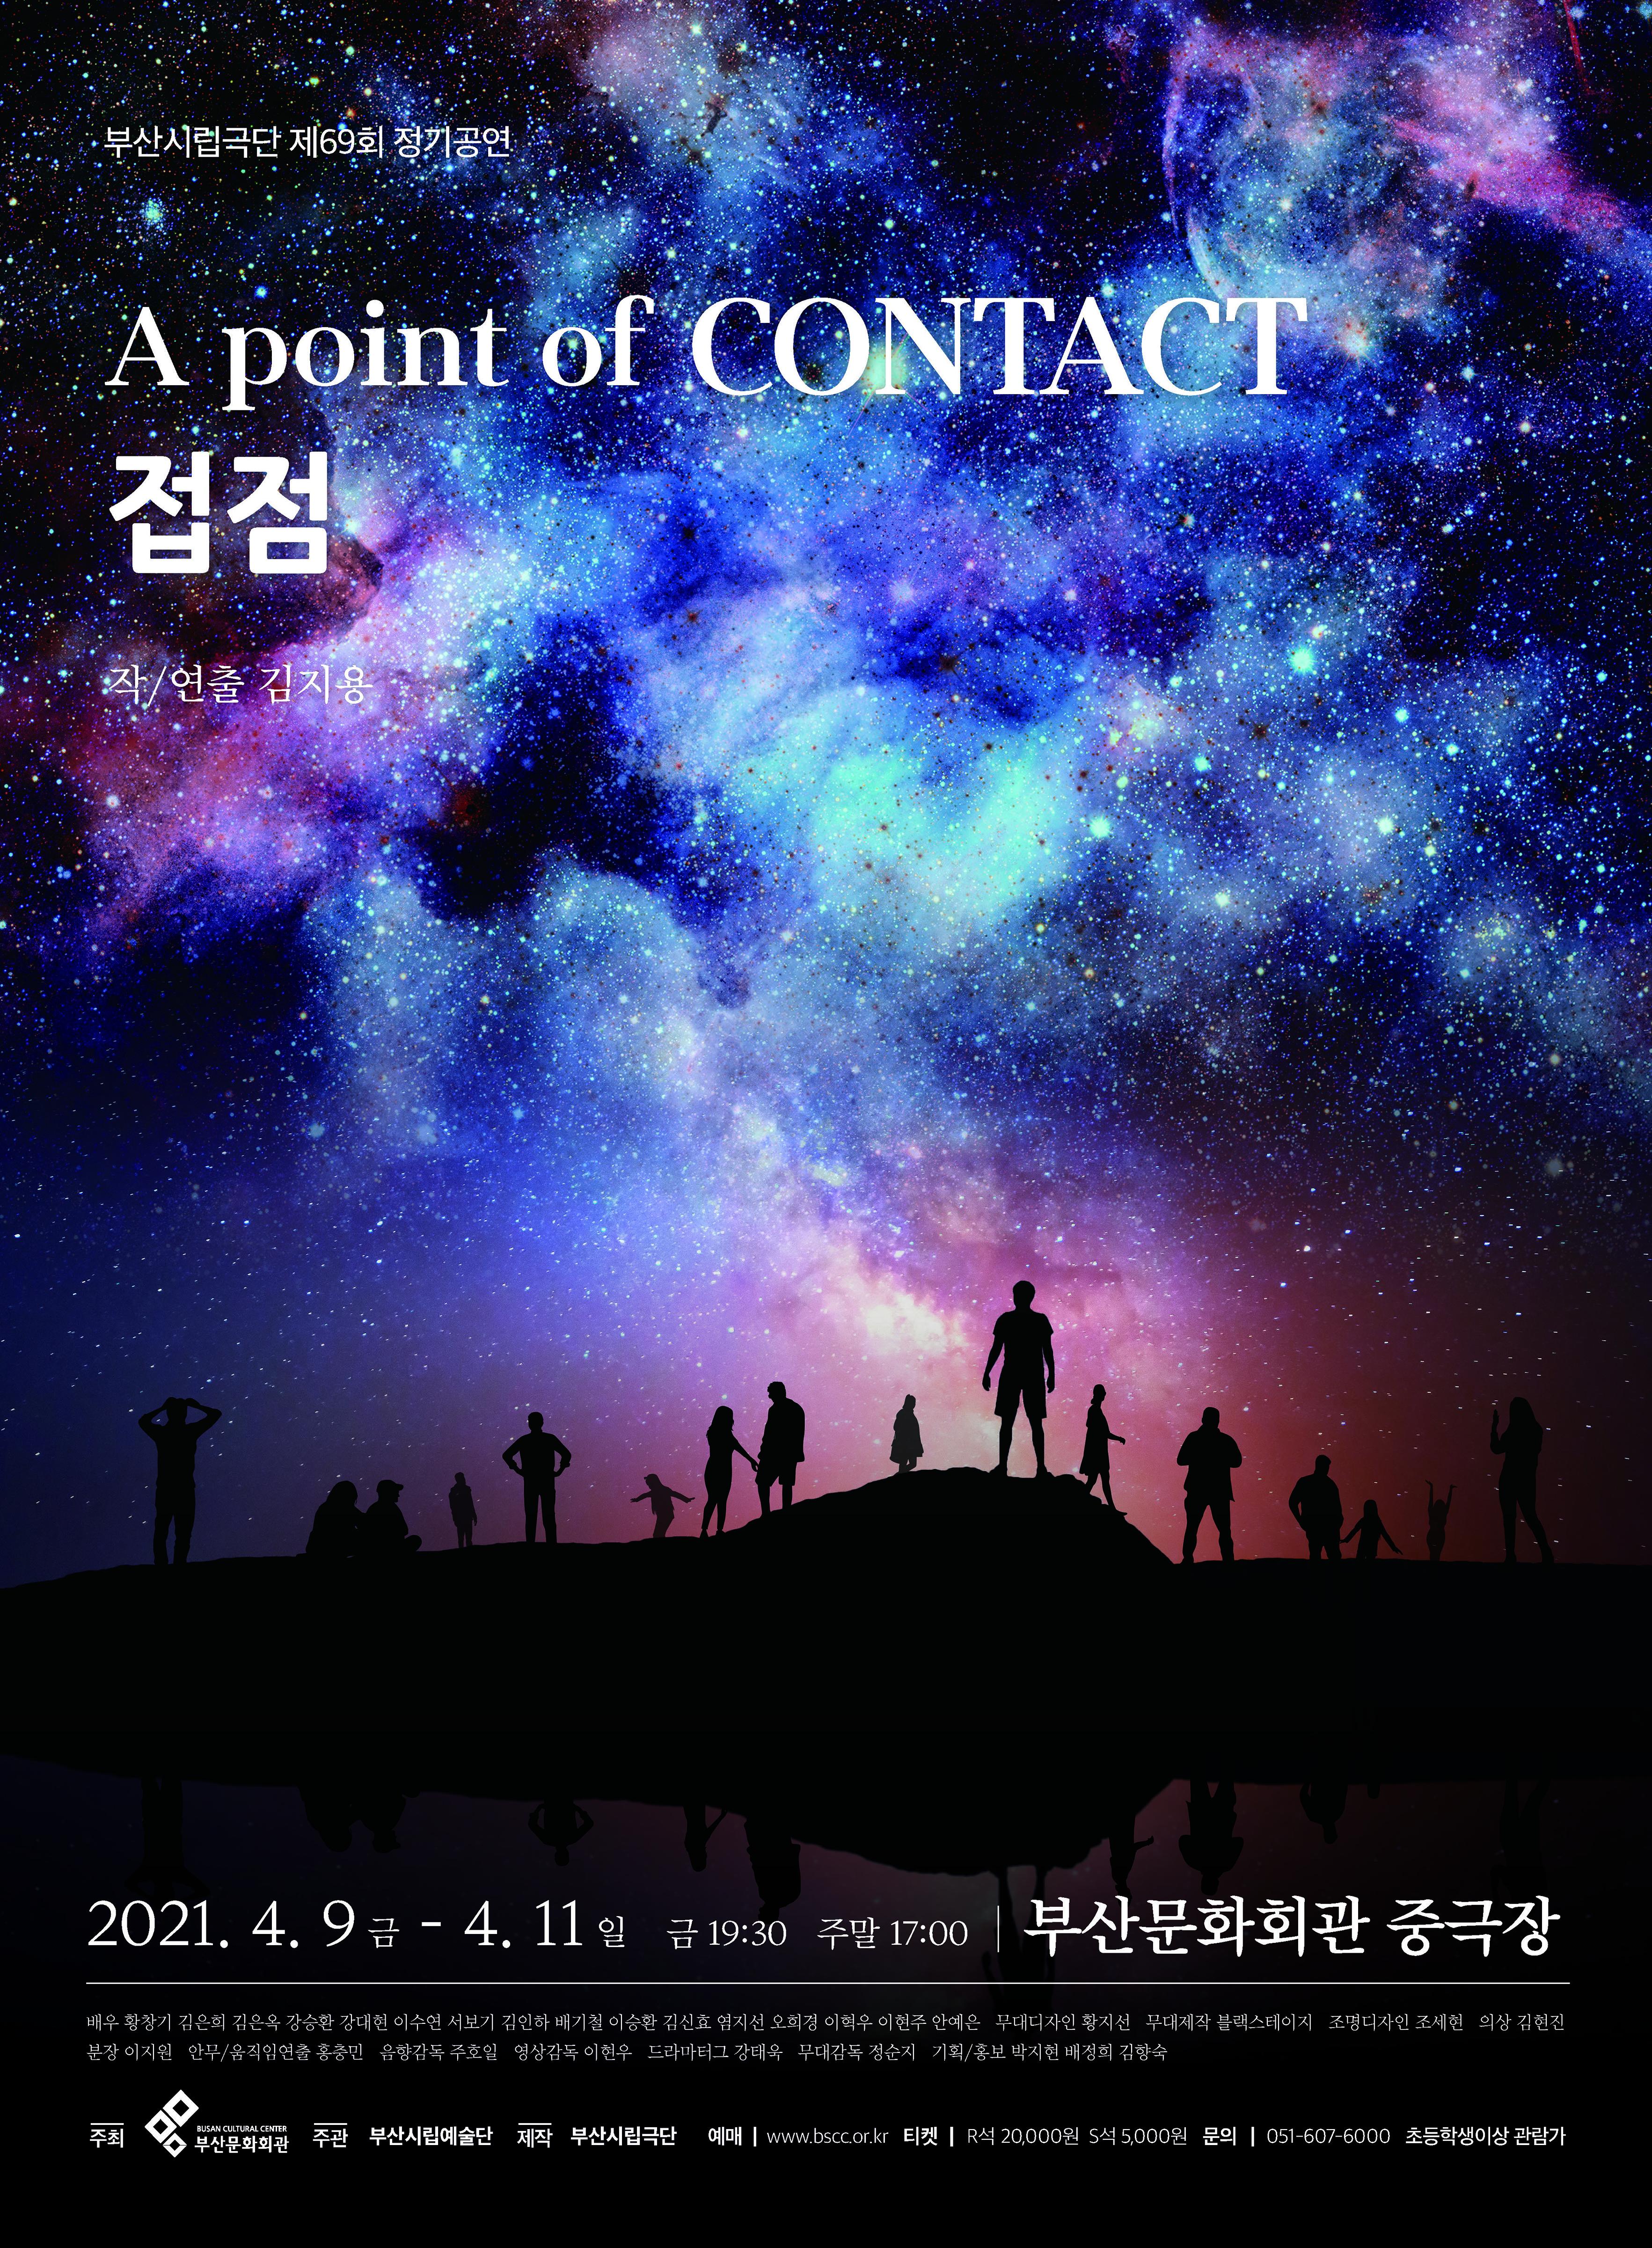 부산시립극단 제69회 정기공연 'a point of CONTACT'